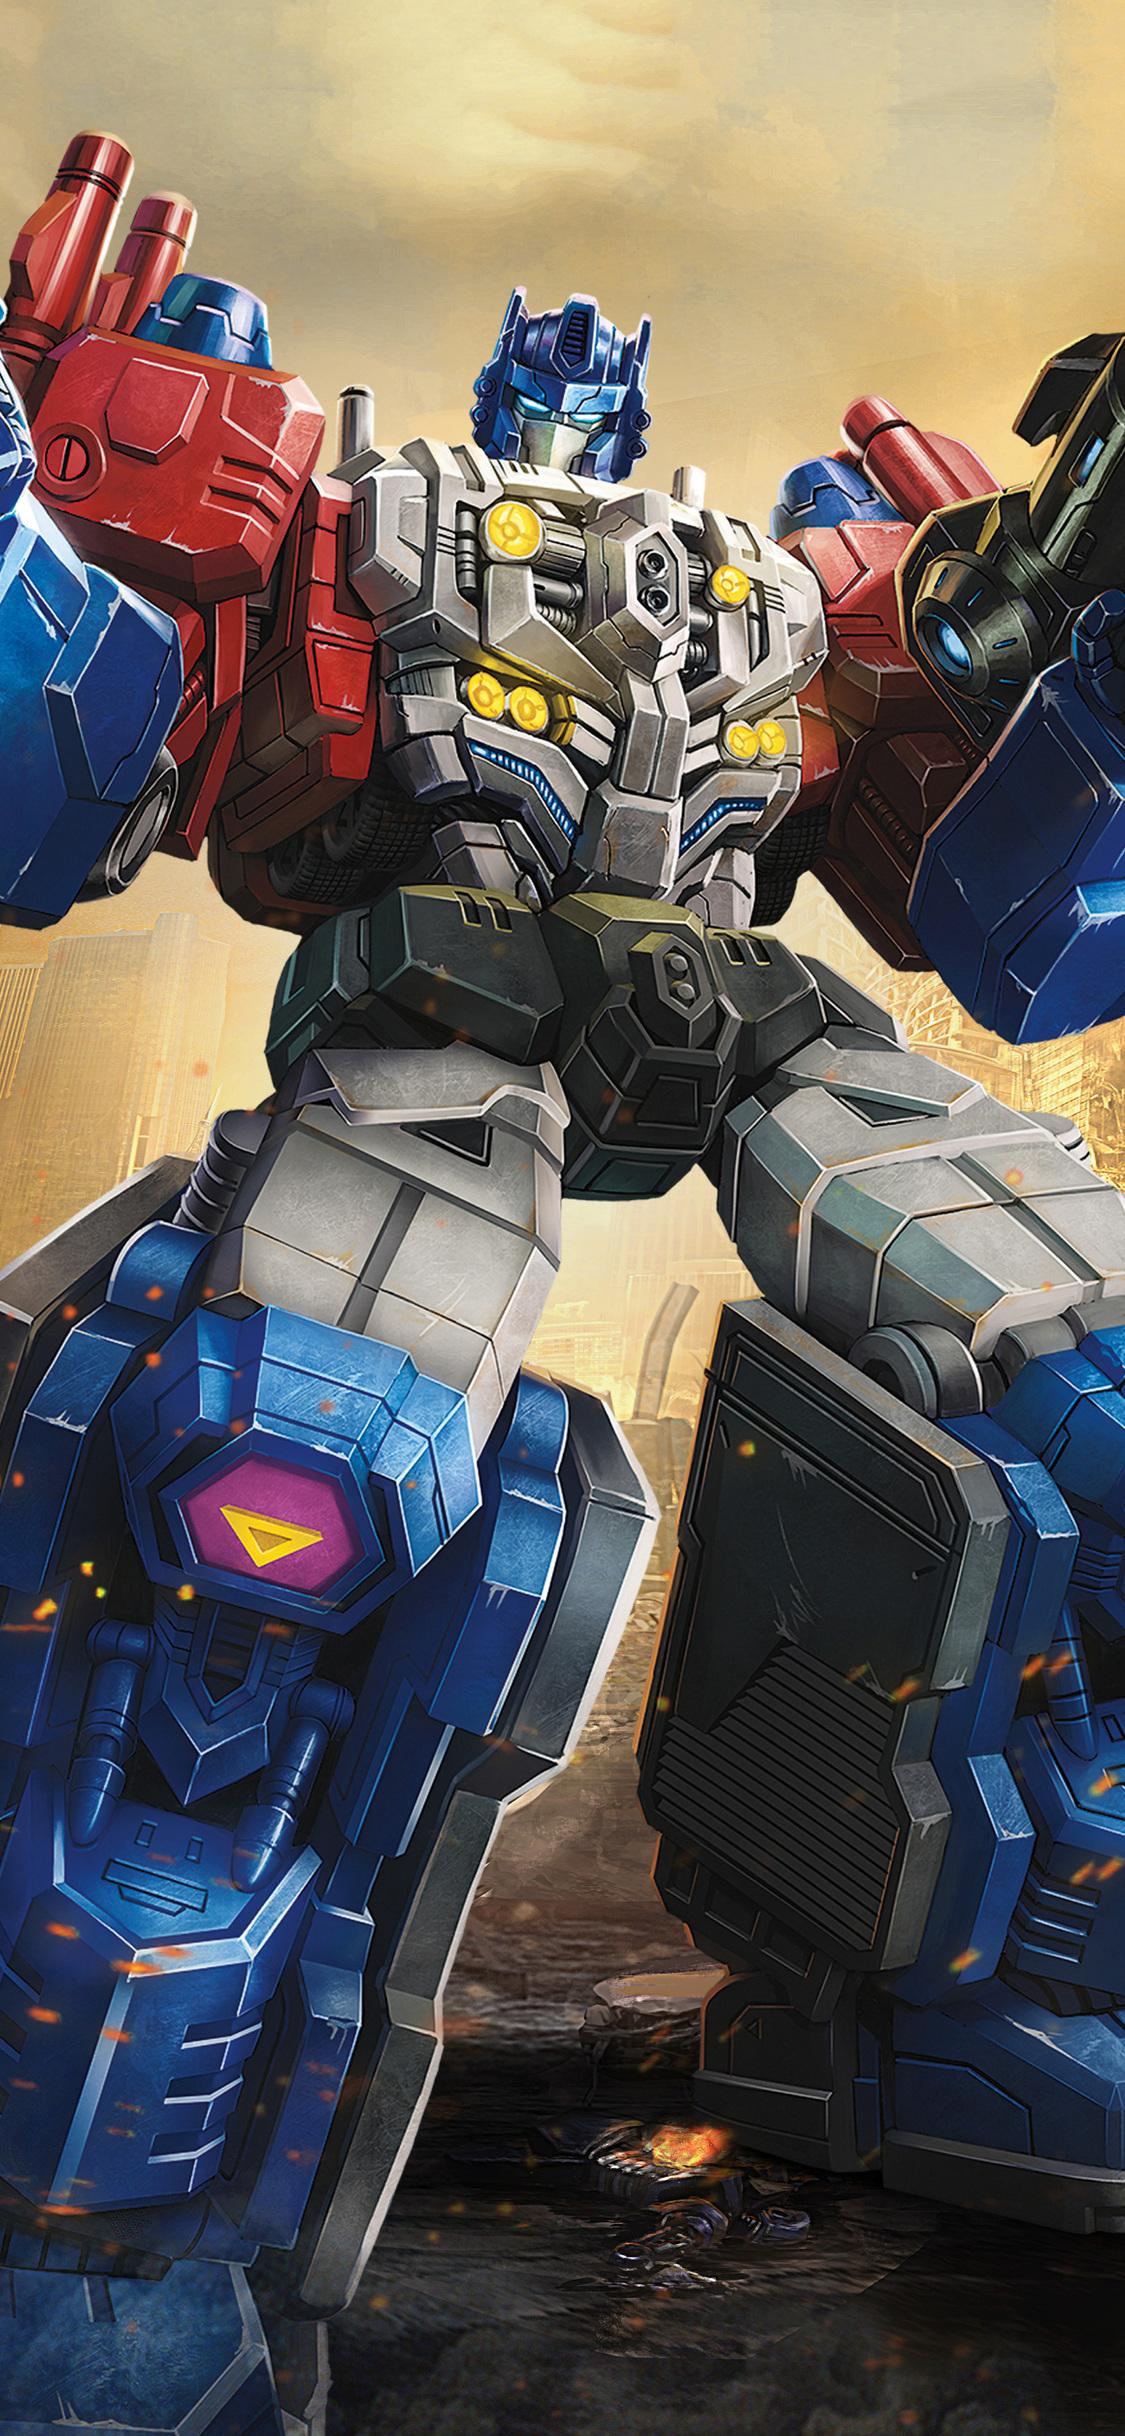 1125x2436 Powermaster Optimus In Transformers Titans Return